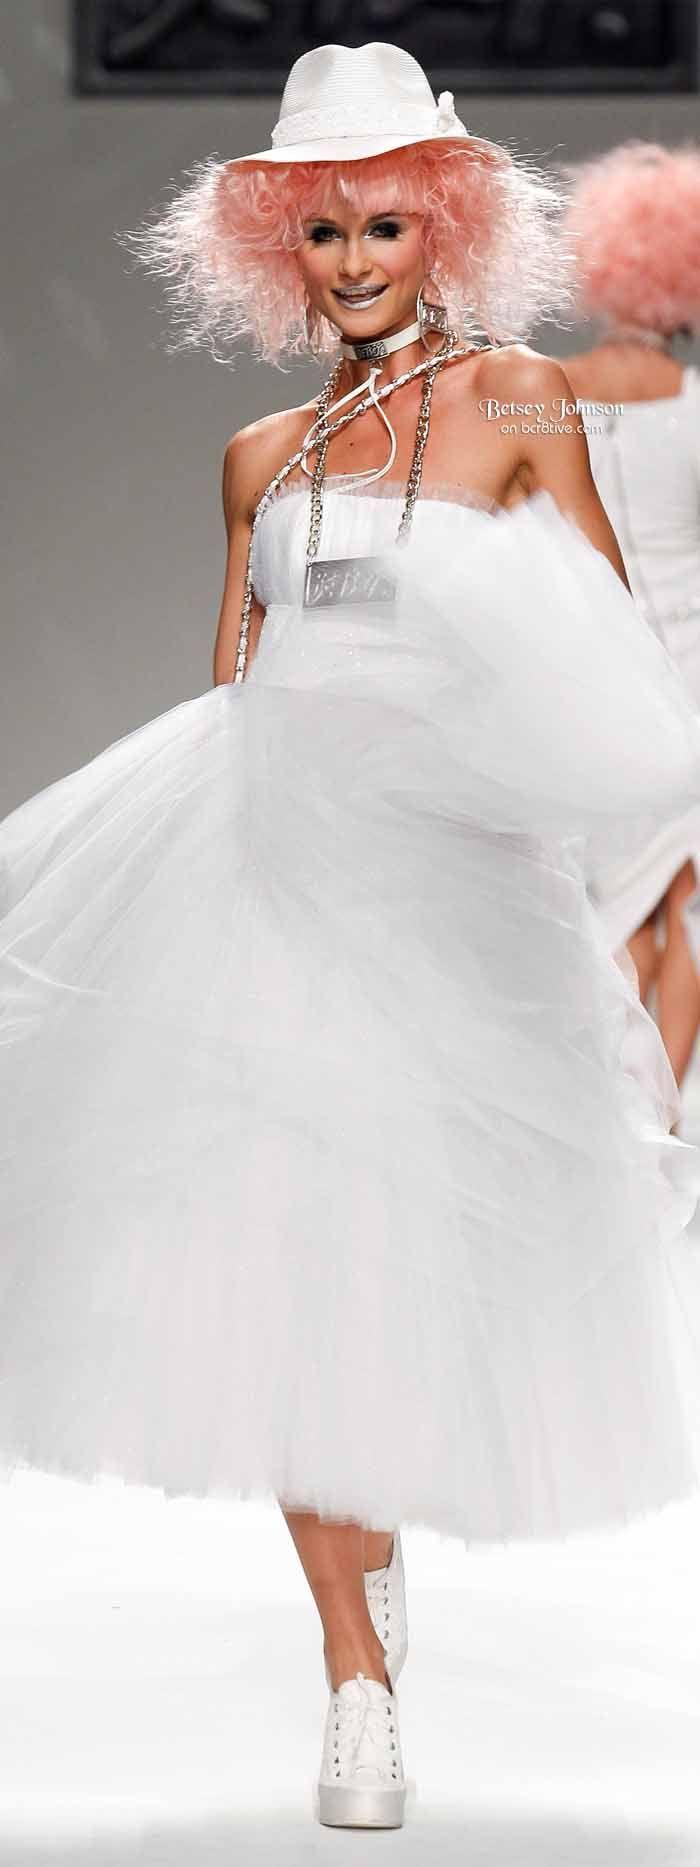 60 best Designer crush - Betsey Johnson images on Pinterest | Dress ...